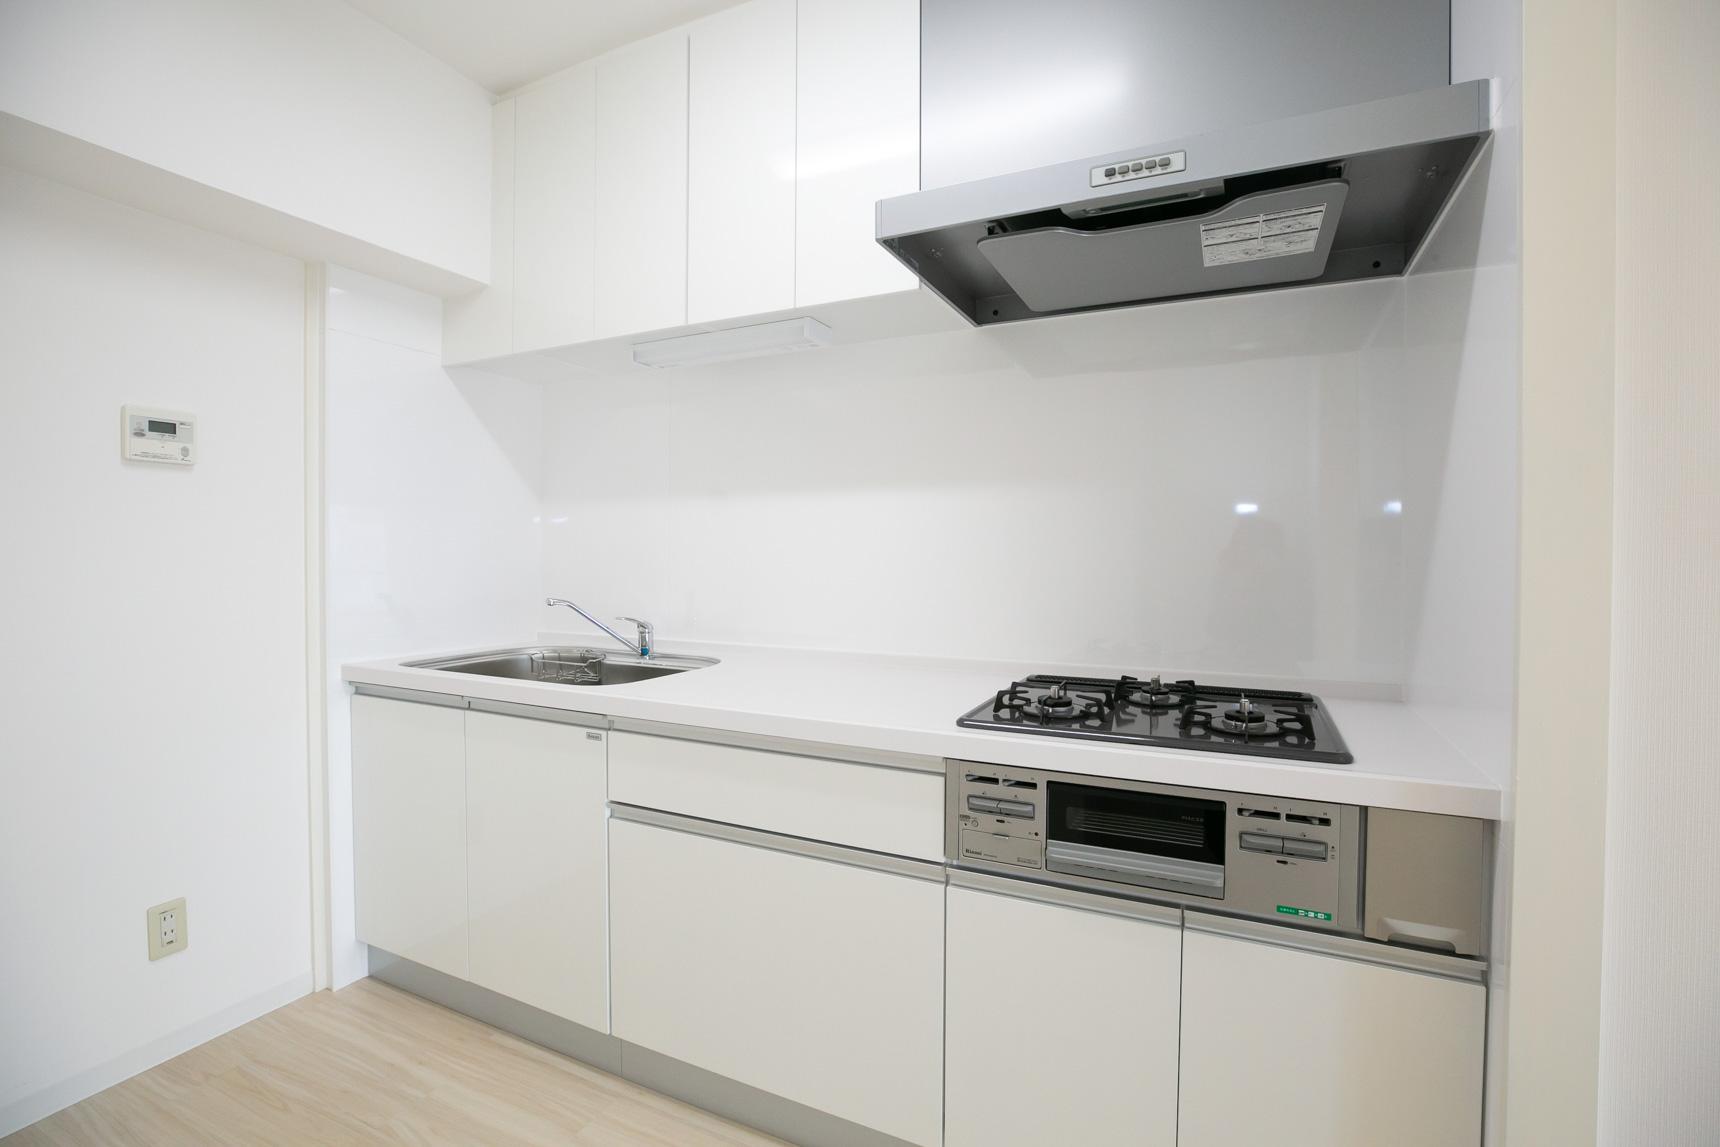 色の統一感だけでなく、設備もちょっと良いものが入っています。キッチンは、ガス3口のシステムキッチン。作業スペースが広くて、とても使いやすそう。